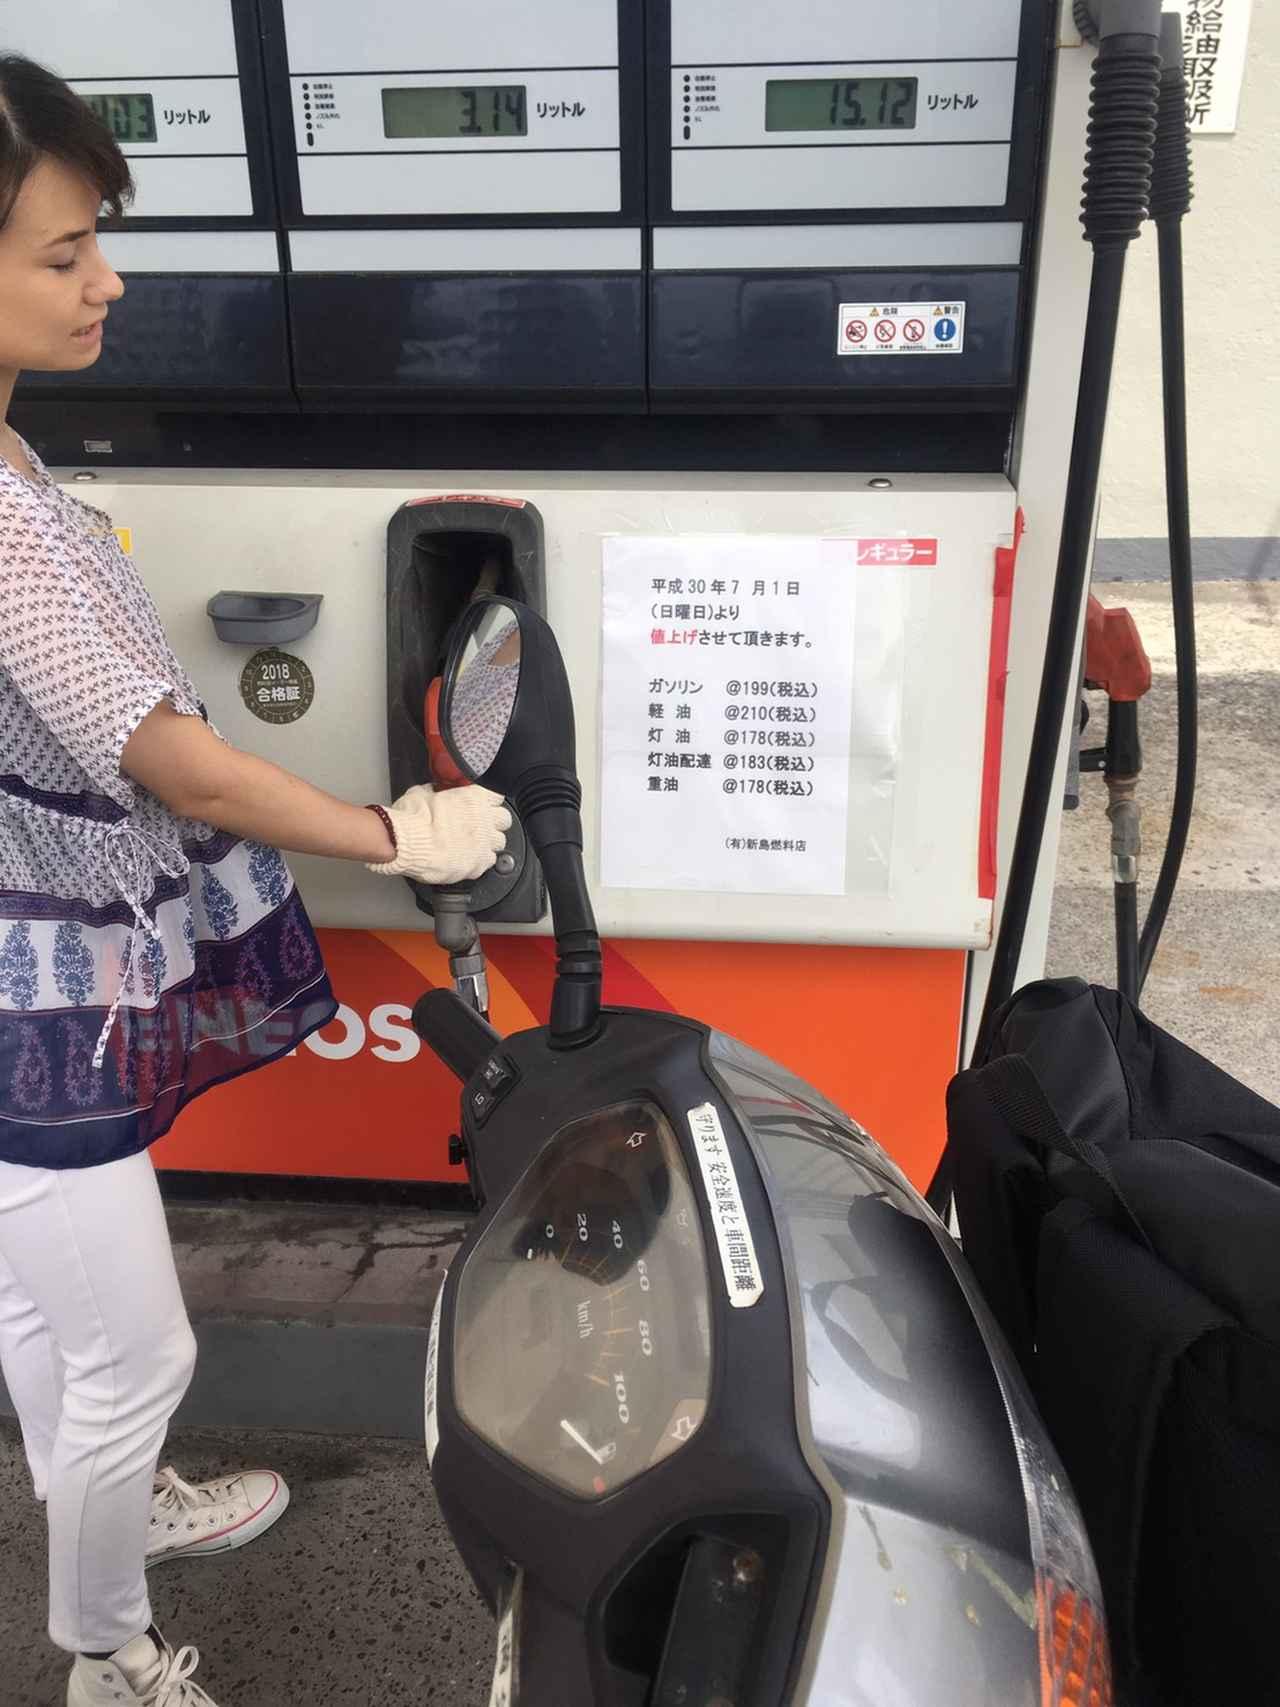 画像5: 新島で一番の絶景スポットを発見!? 福山理子の新島レンタルバイクツーリング!③ 島での食事やガソリン価格もお伝えします!